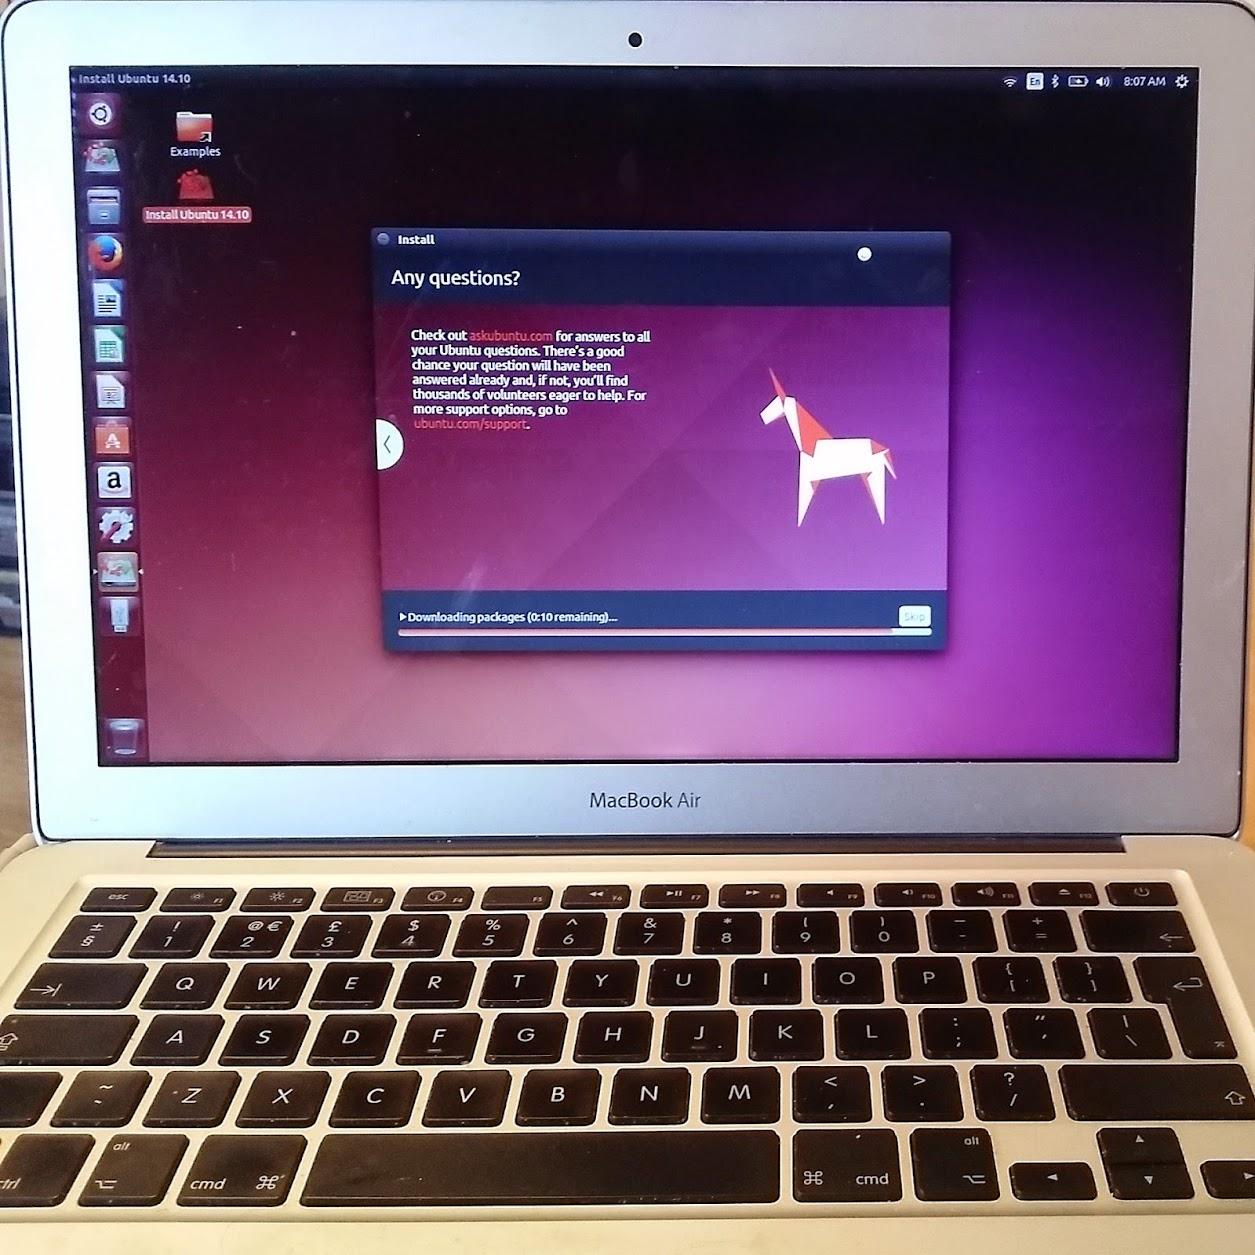 The Ubuntu installer on my MacBook air